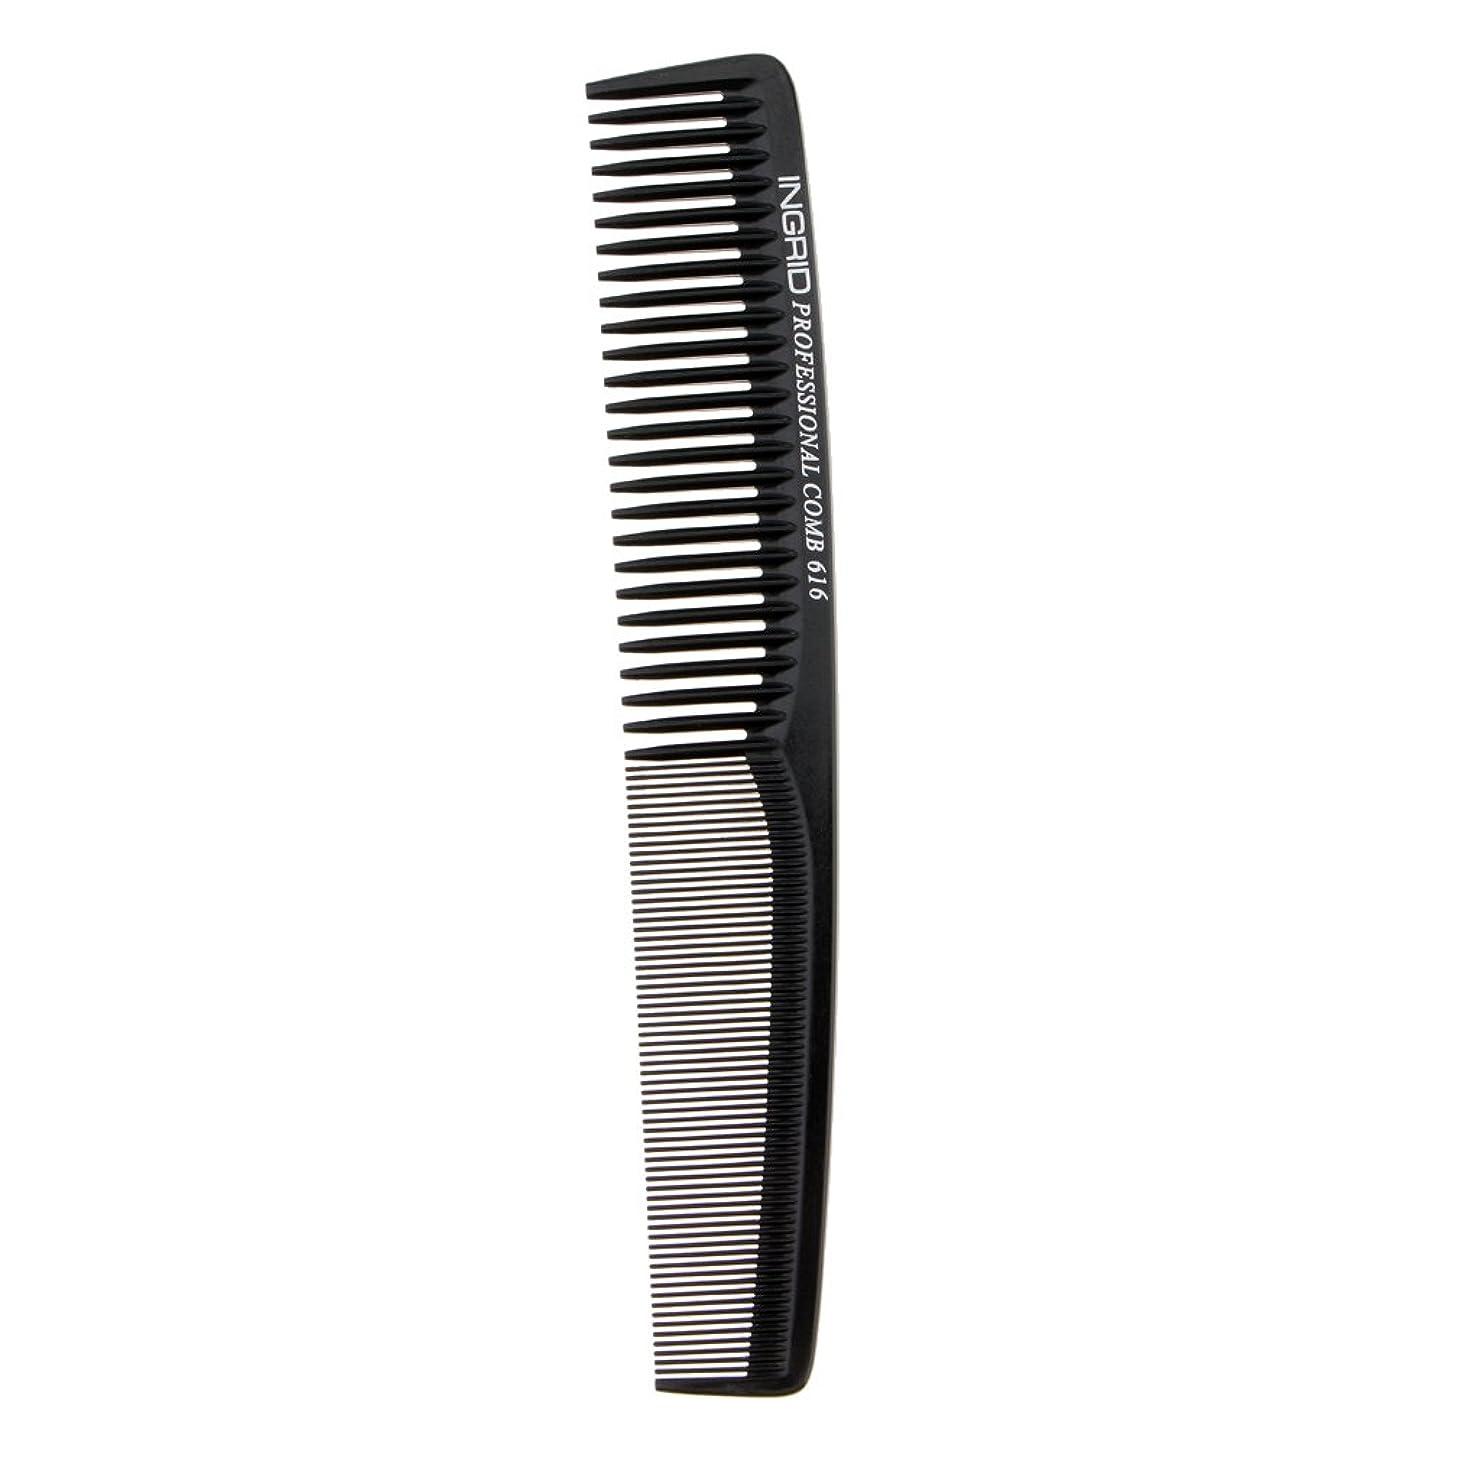 先見の明不機嫌記者Fenteer ヘアカットコーム 櫛 コーム 理髪店 ヘアケア 便利 全5色  - ブラック